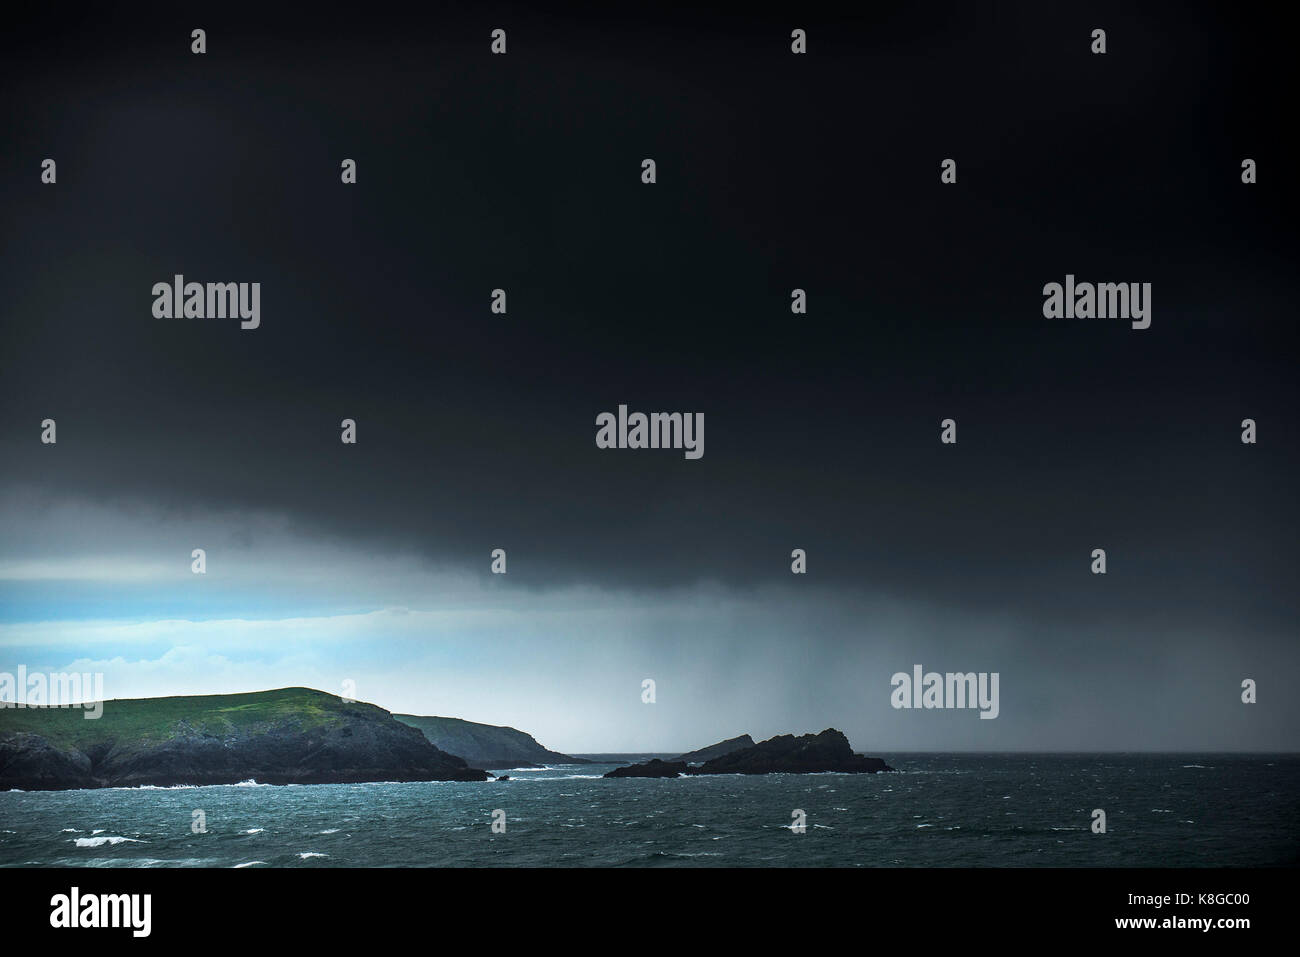 El clima del Reino Unido - Nubes de tormenta acercándose a la costa de Newquay en la costa norte de Cornwall. Imagen De Stock